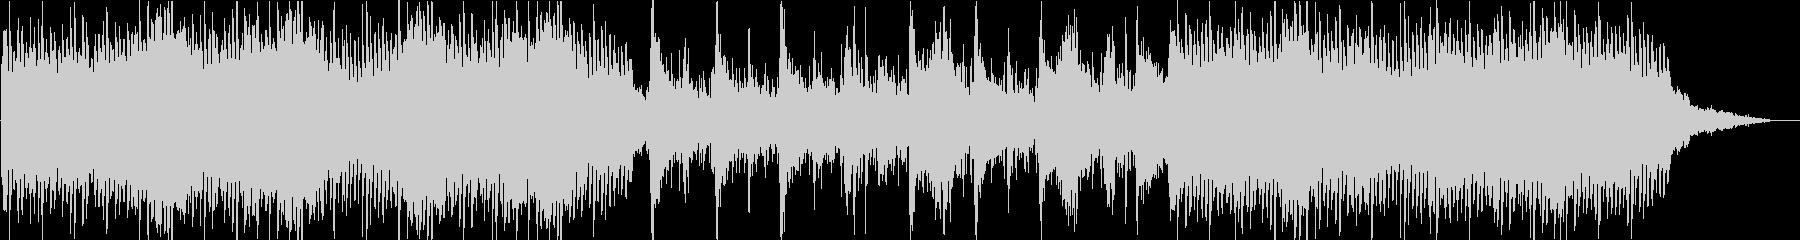 ピアノとストリングスのホラー曲です。似…の未再生の波形